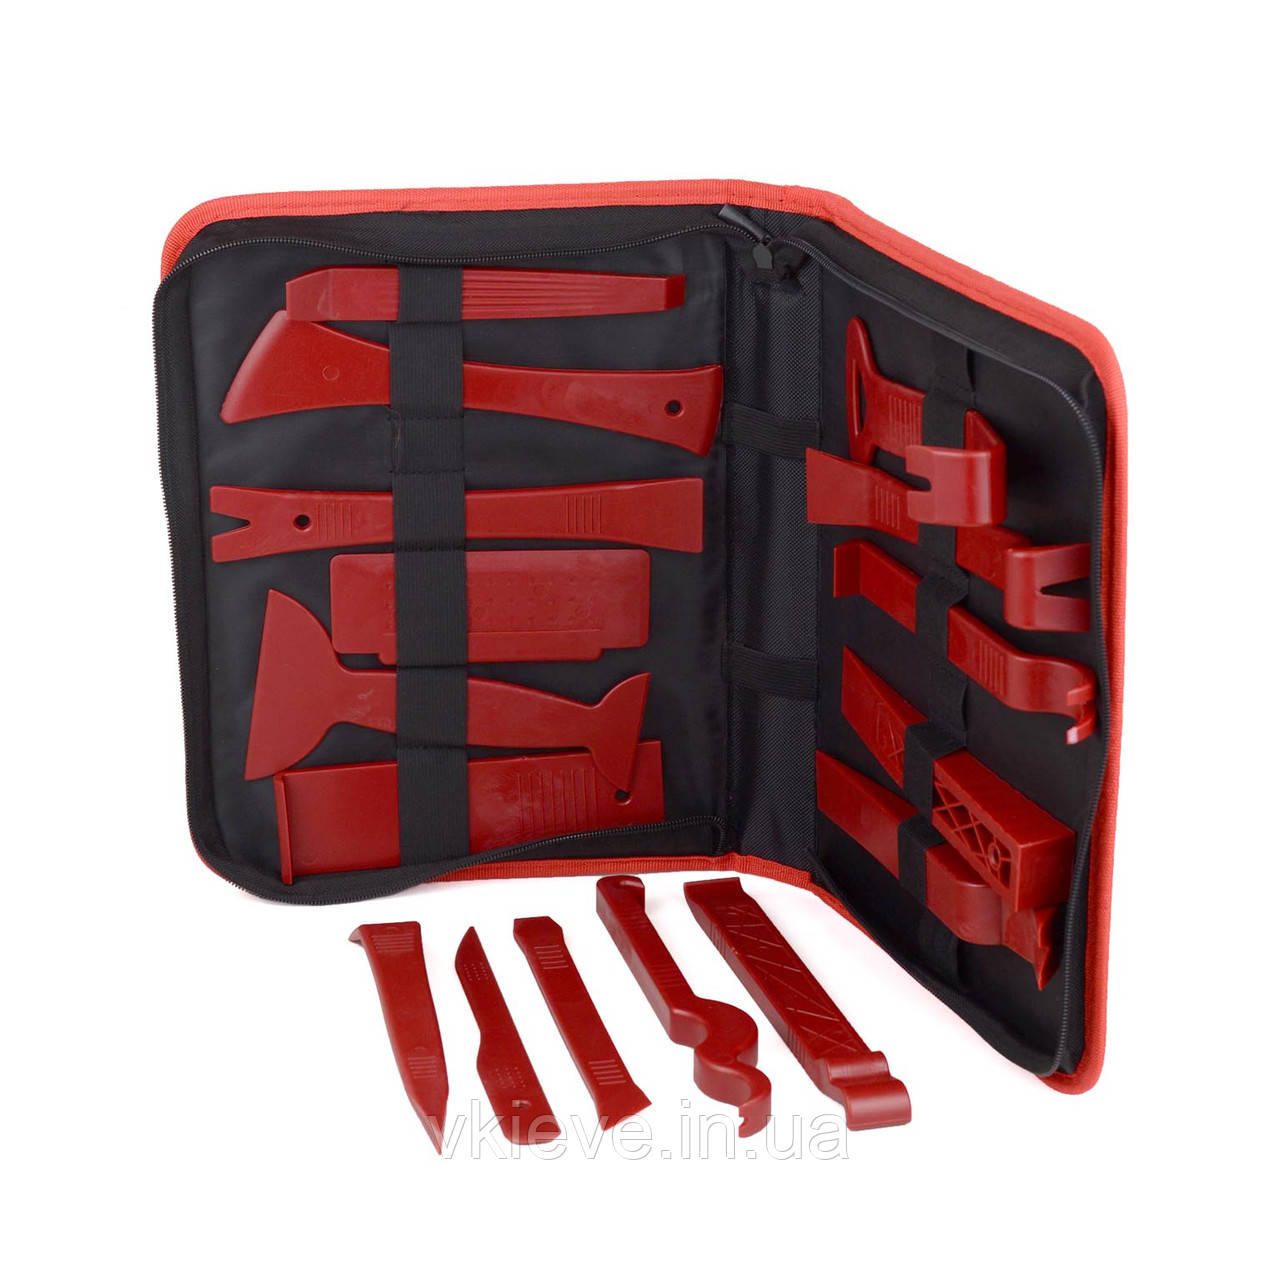 Инструменты для снятия обшивки (облицовки) авто Набор 16 шт в органайзере (СО-16-2ч-с)